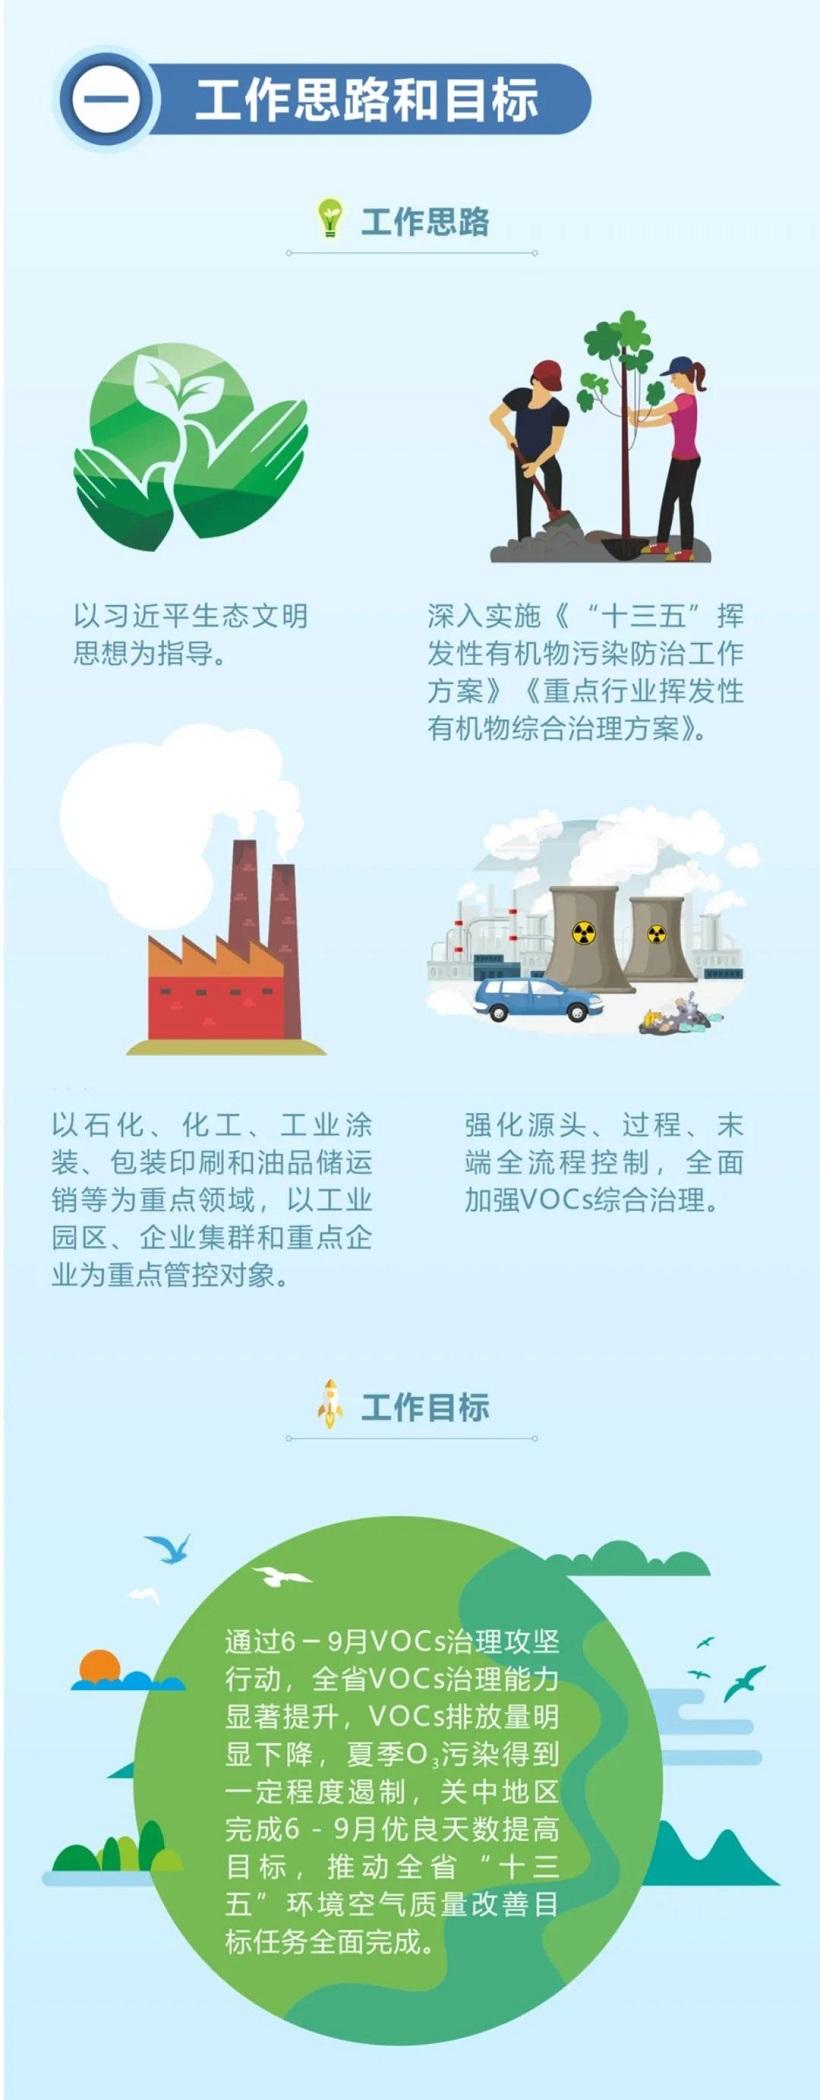 陕西省2020年挥发性有机物治理攻坚方案